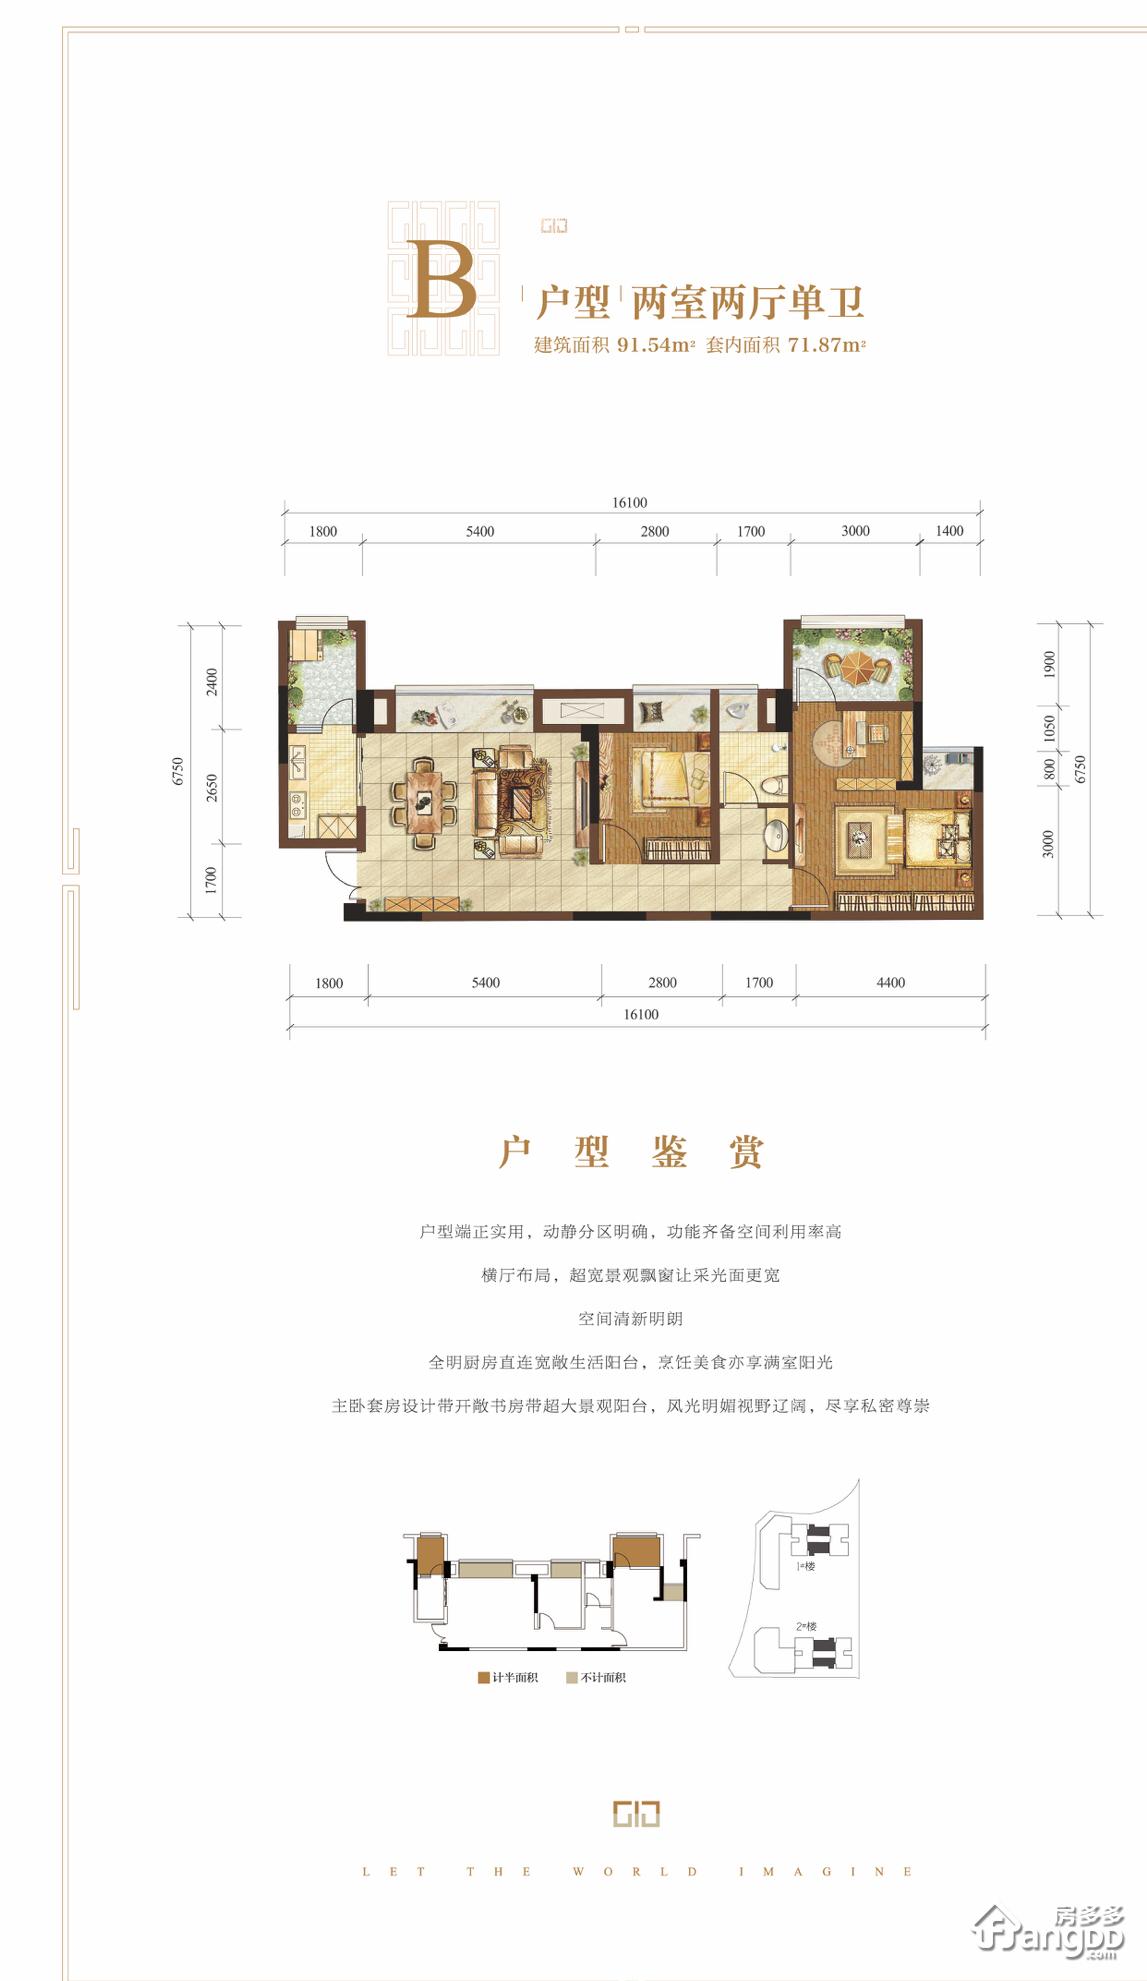 北京城建龙樾生态城2室2厅2卫户型图